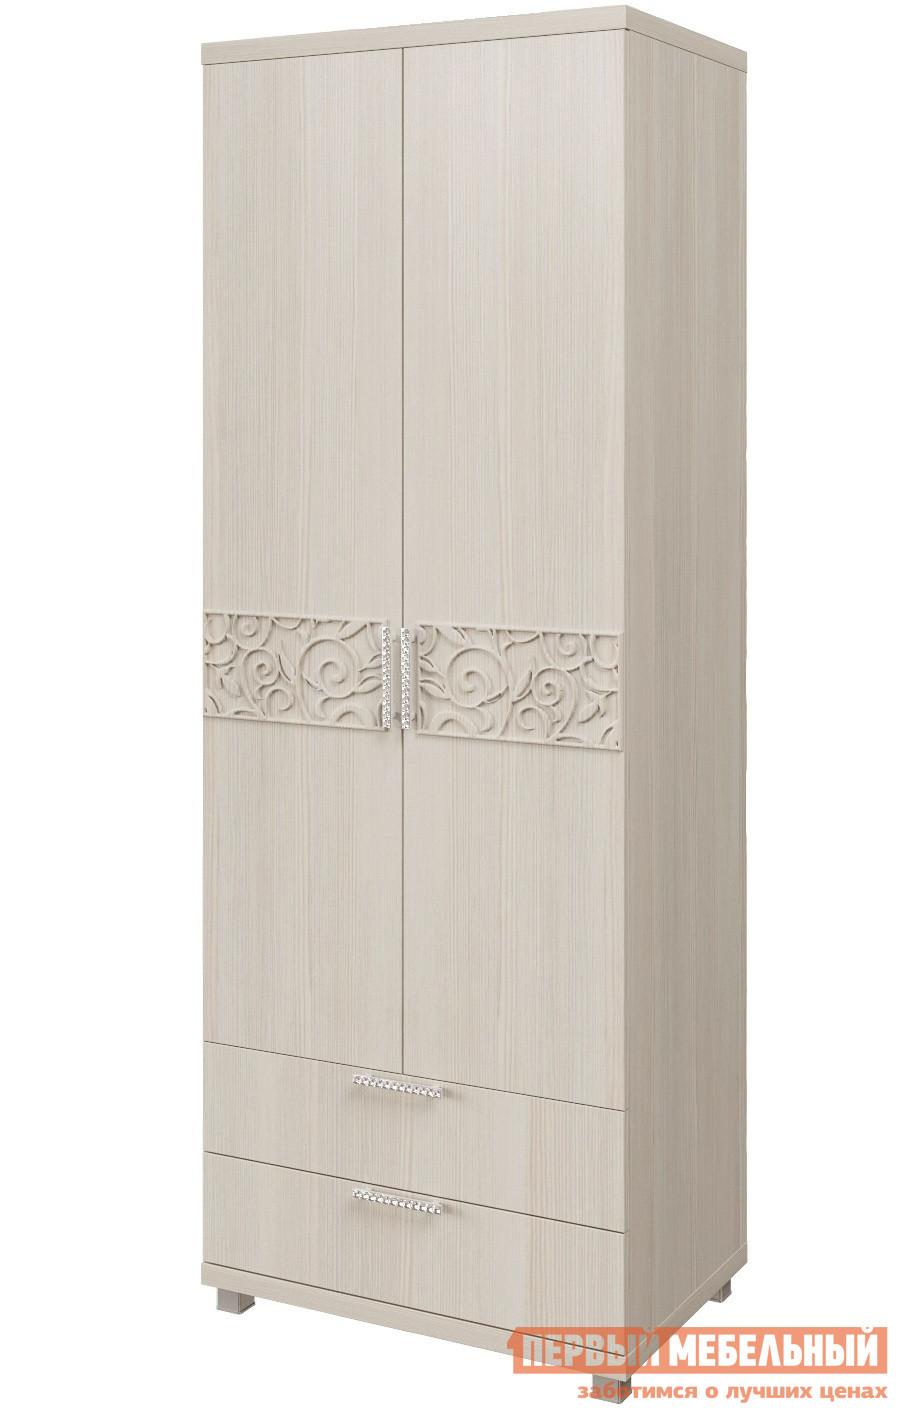 Шкаф распашной Арника 08 «Ирис» Шкаф для белья 2-х дверный с ящиками Дуб бодега